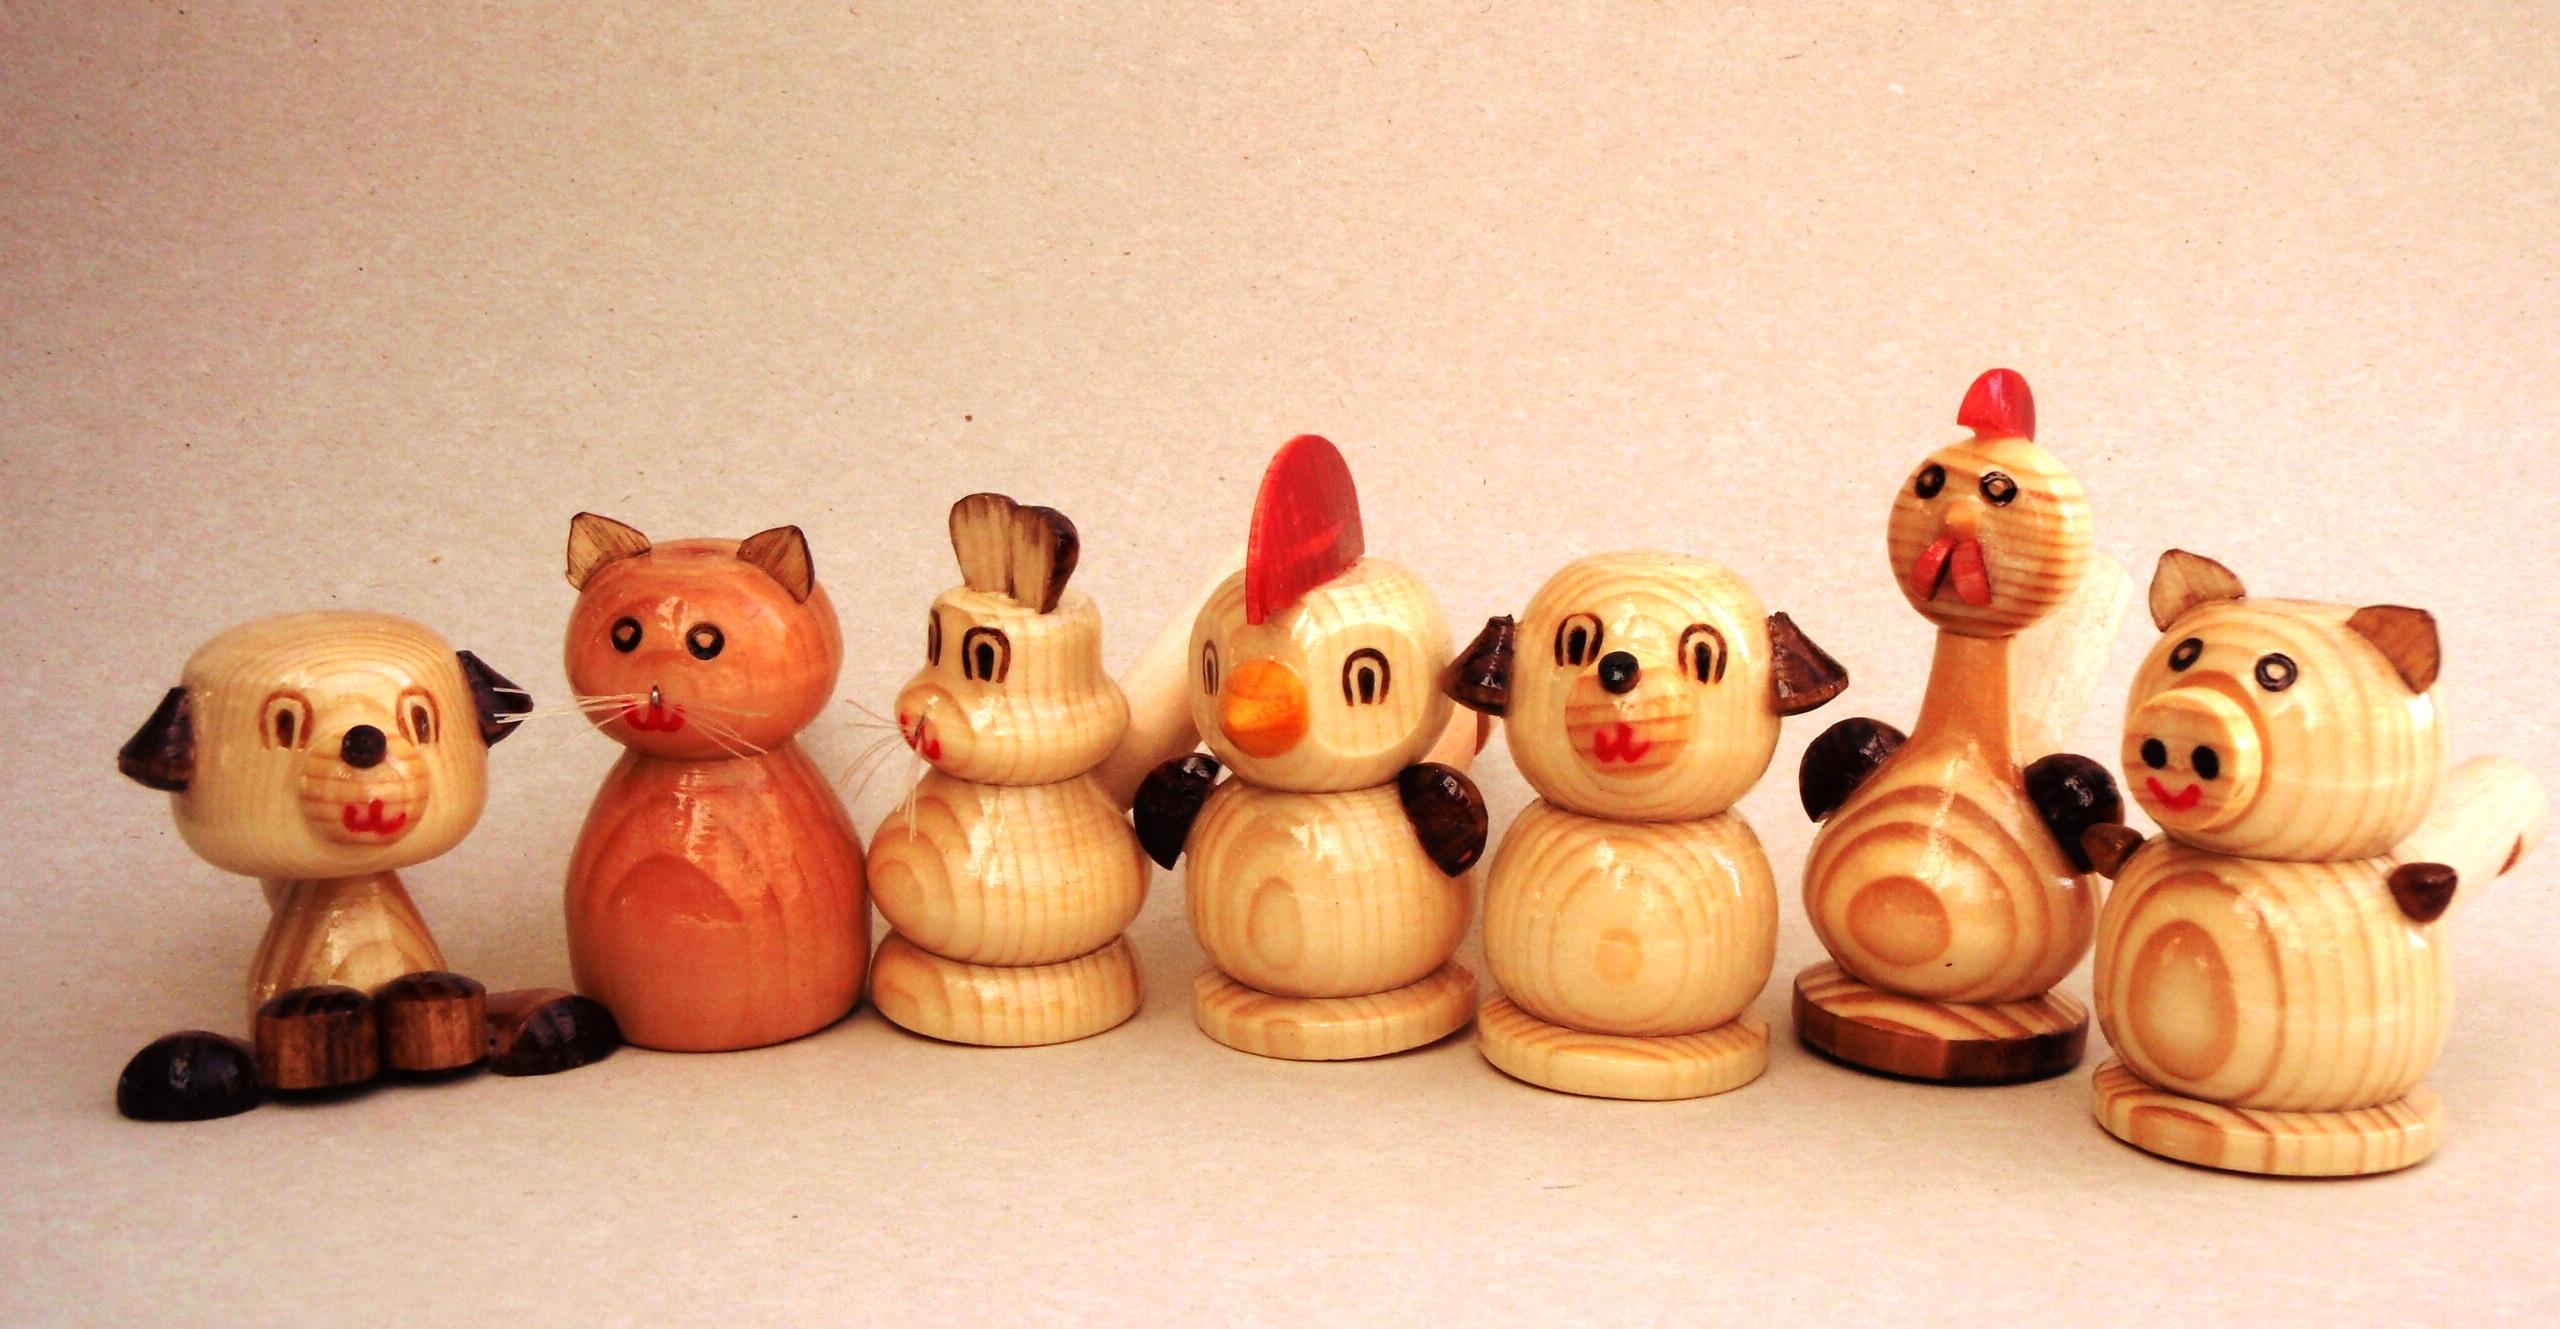 Русская народная игрушка своими руками из дерева